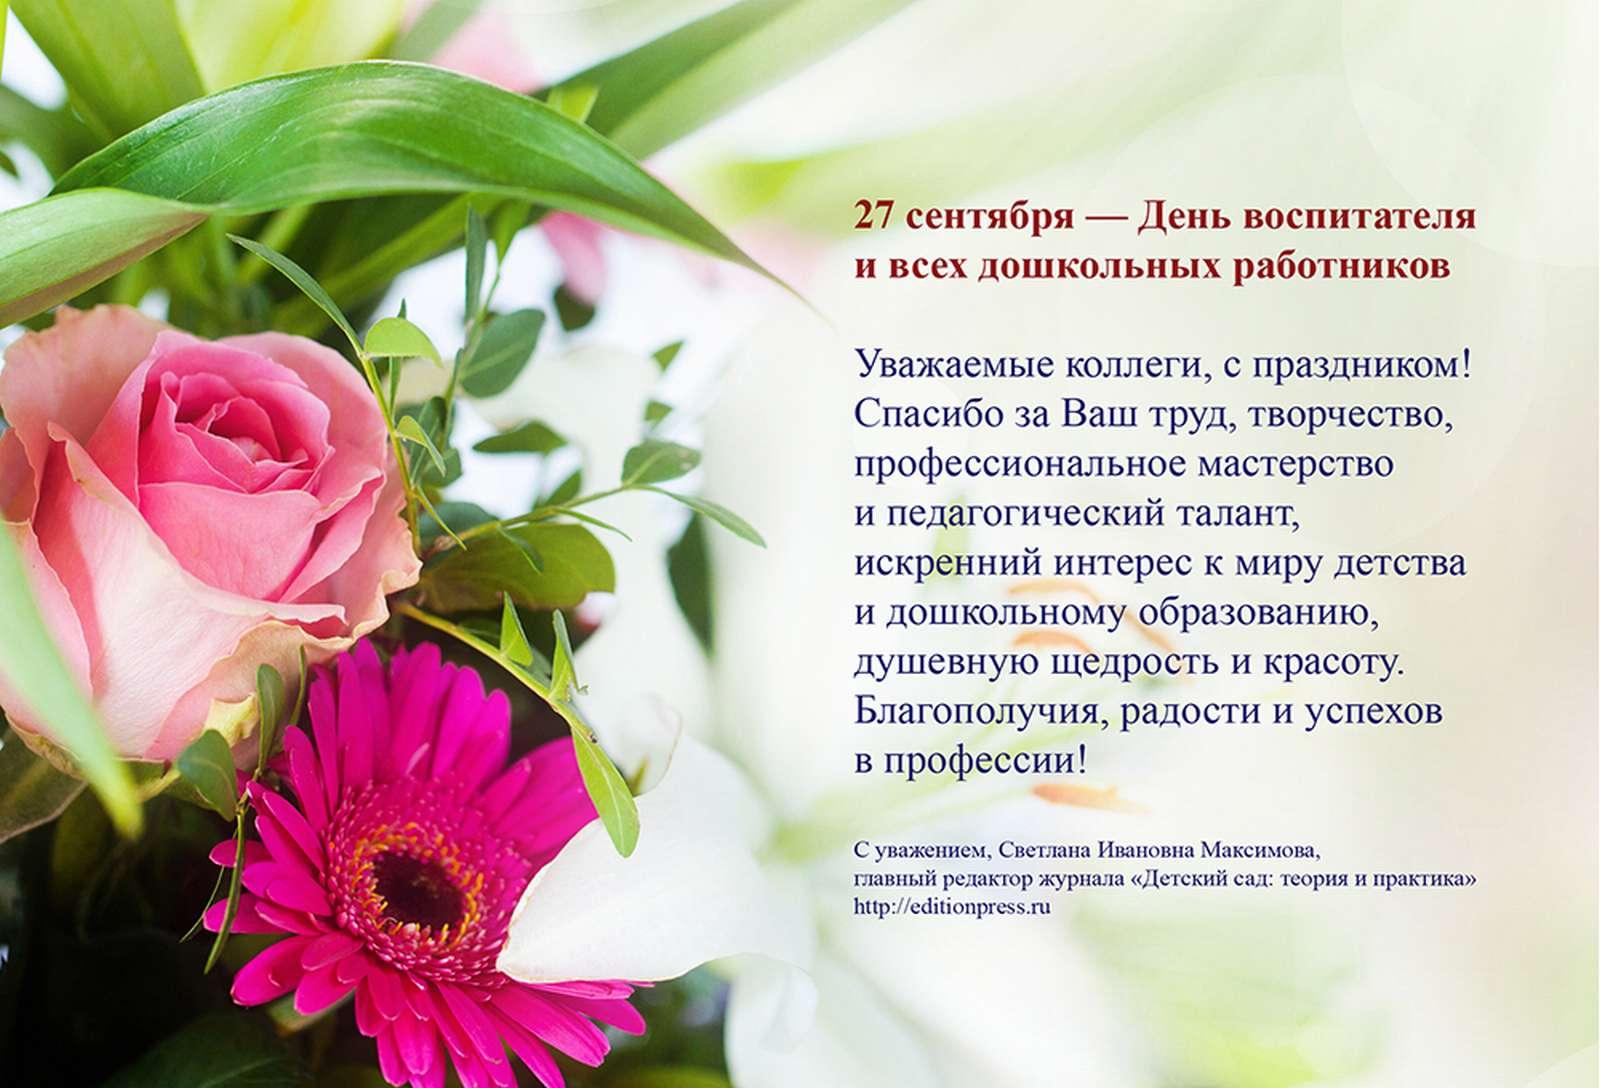 Поздравления заведующей детского сада с днем рождения